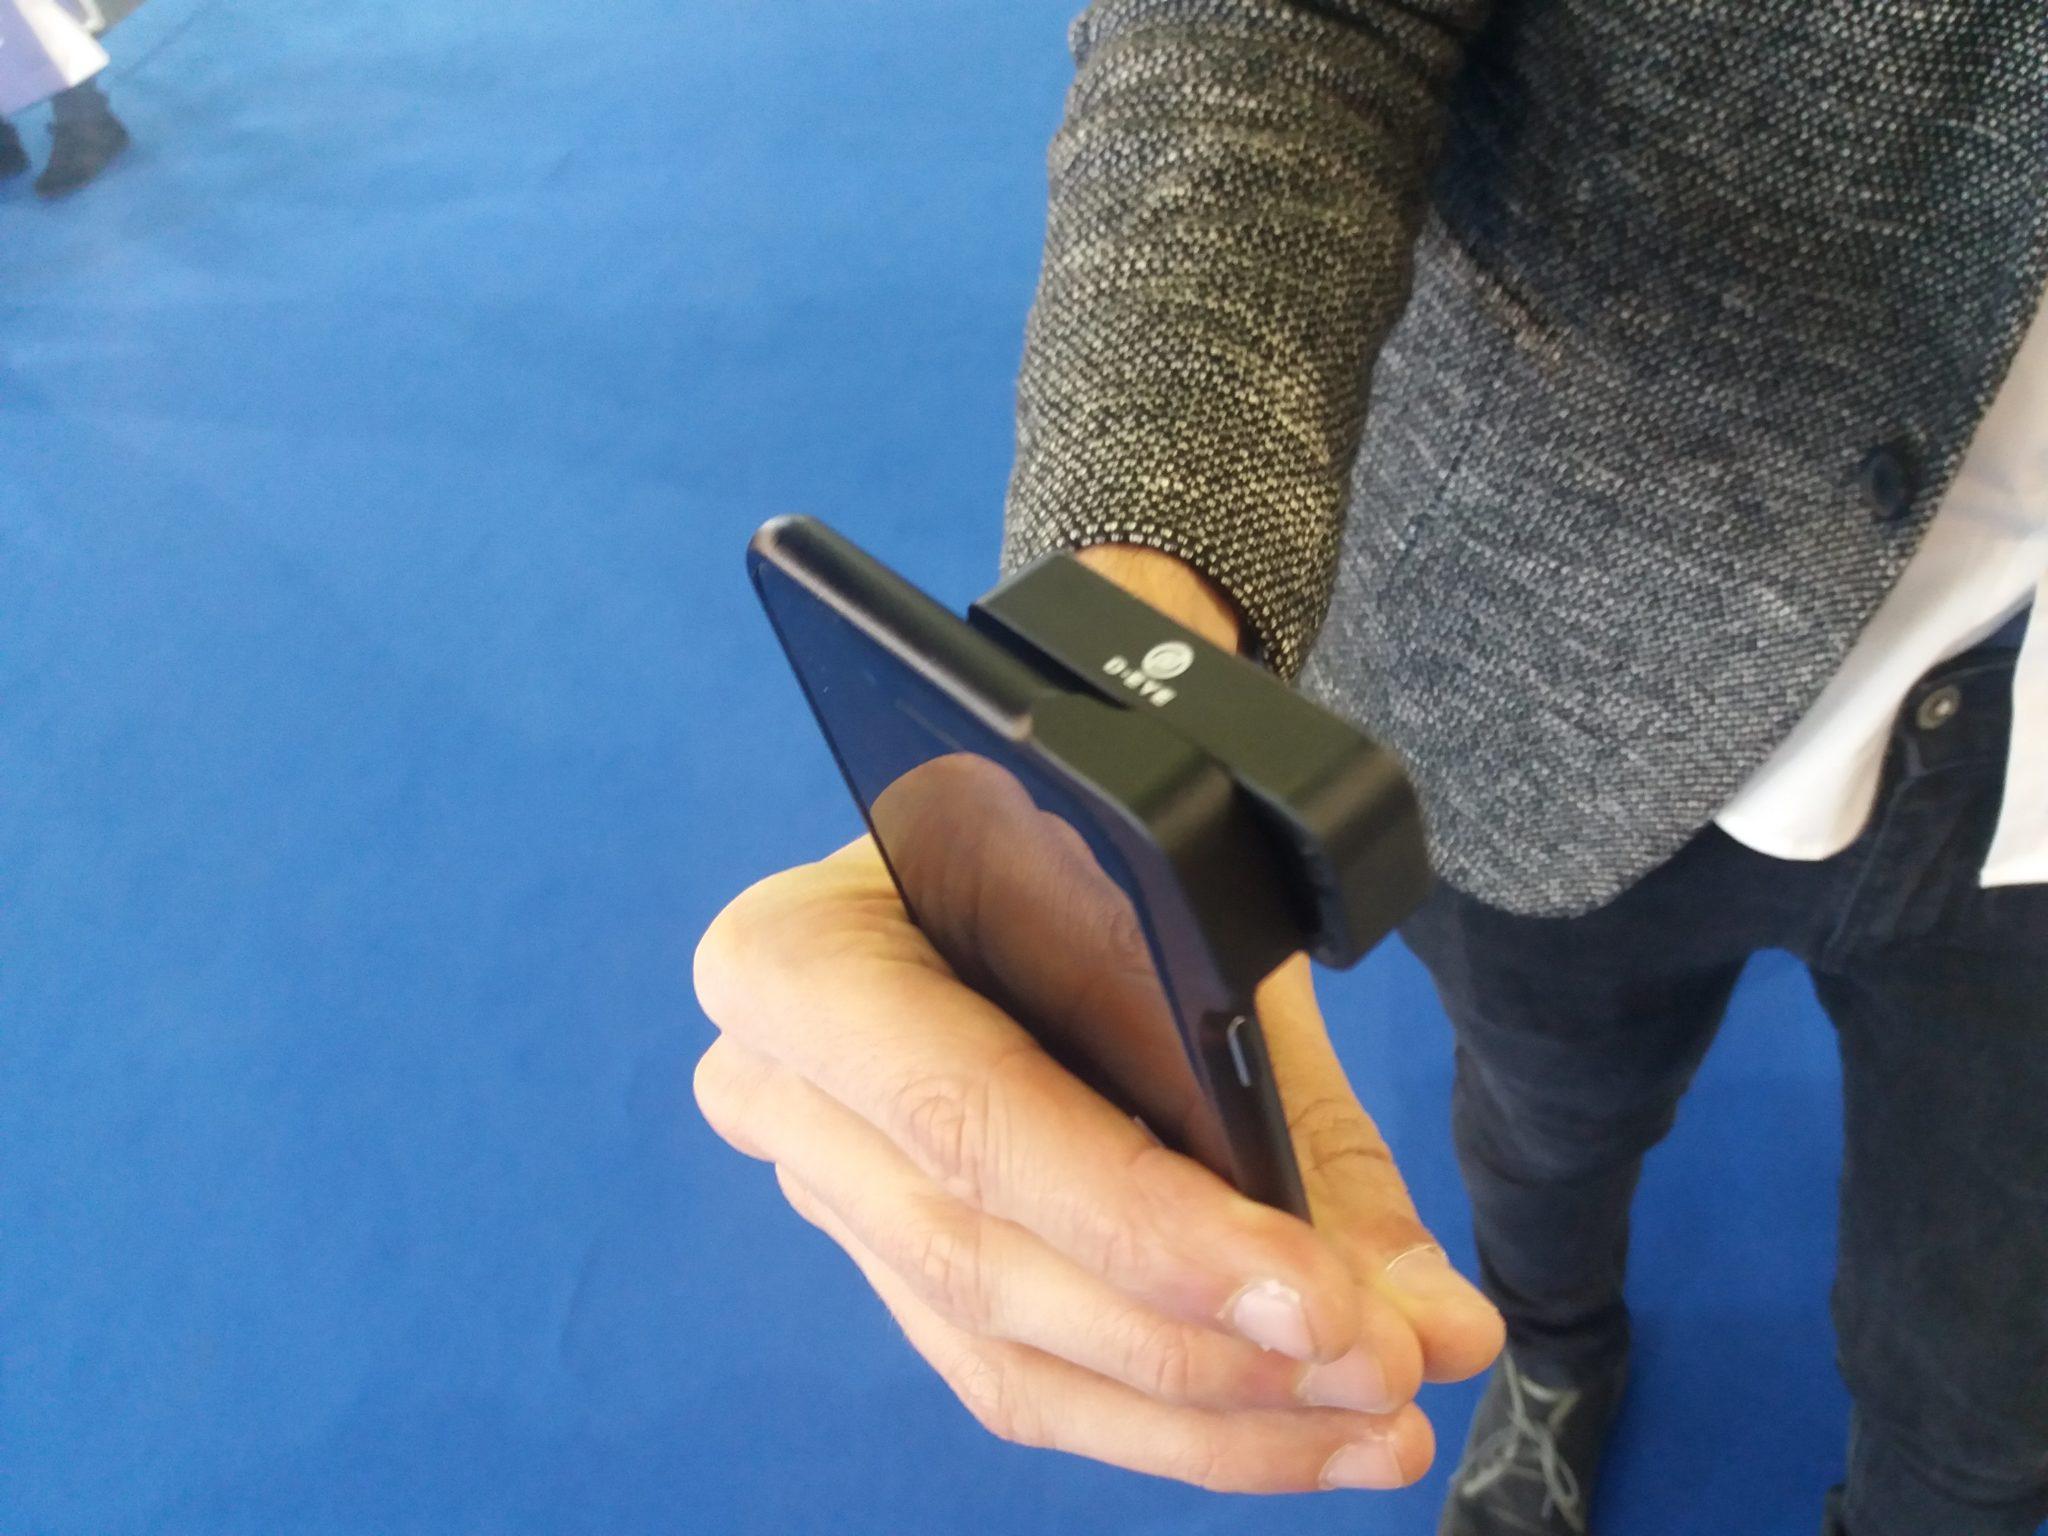 D-Eye dispositivo per controllo fondo occhio e retina con lo smartphone